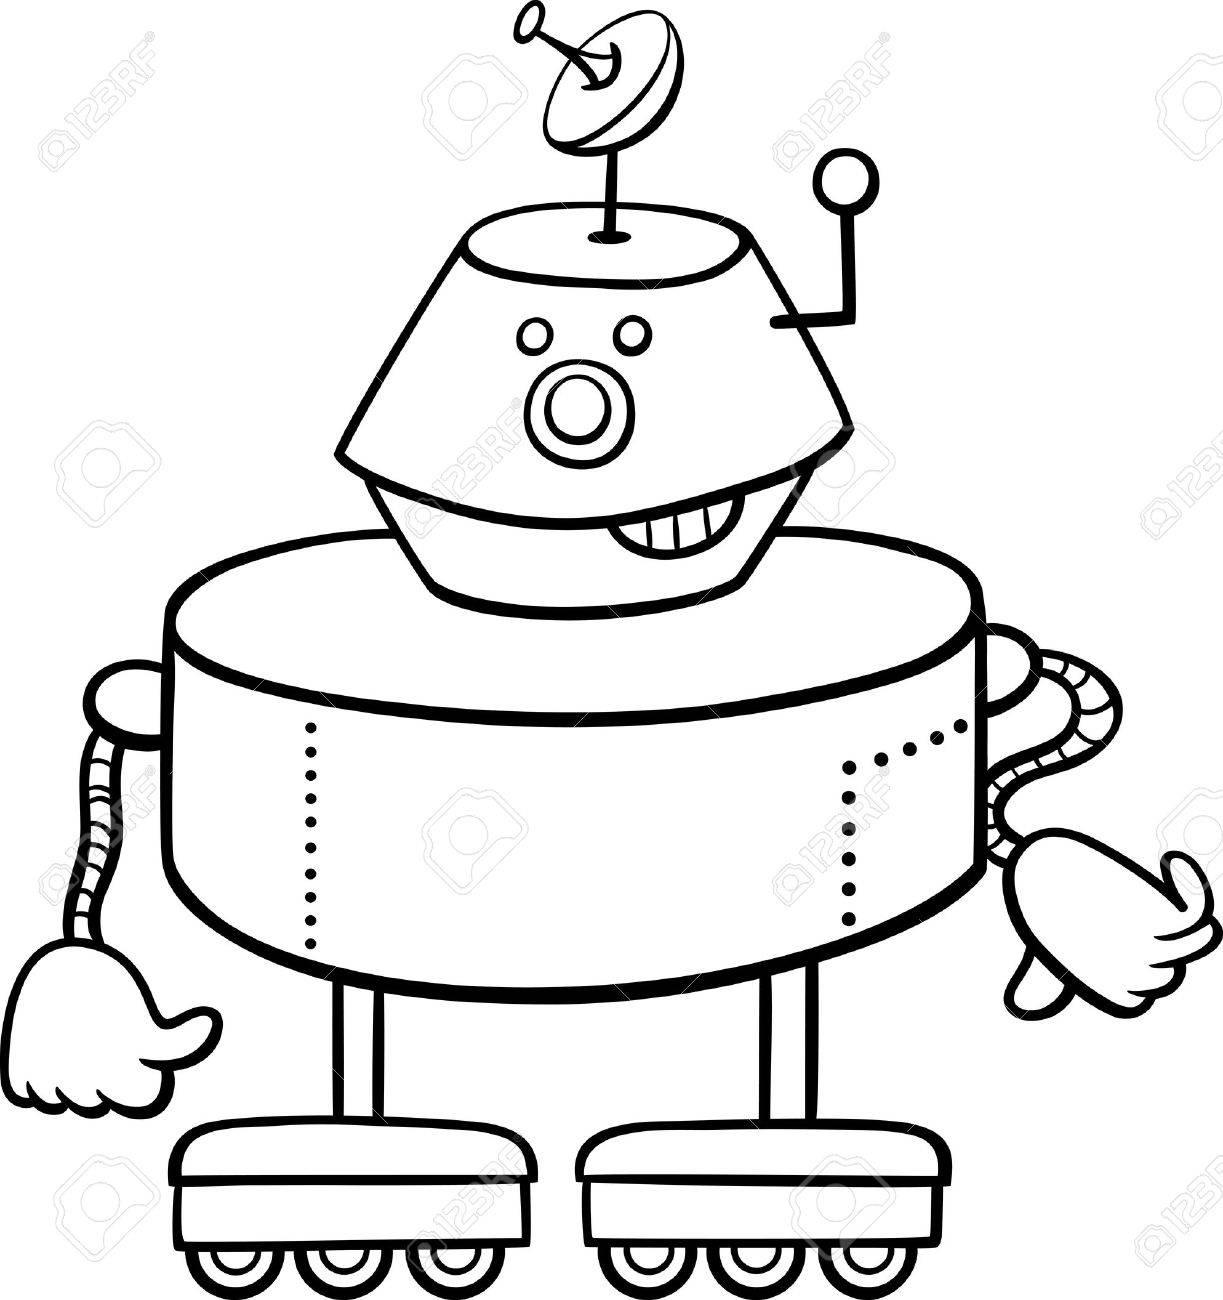 Dibujos Animados De Blanco Y Negro Ilustración De Robot O Un Carácter Divertido Droid Para Colorear Libro